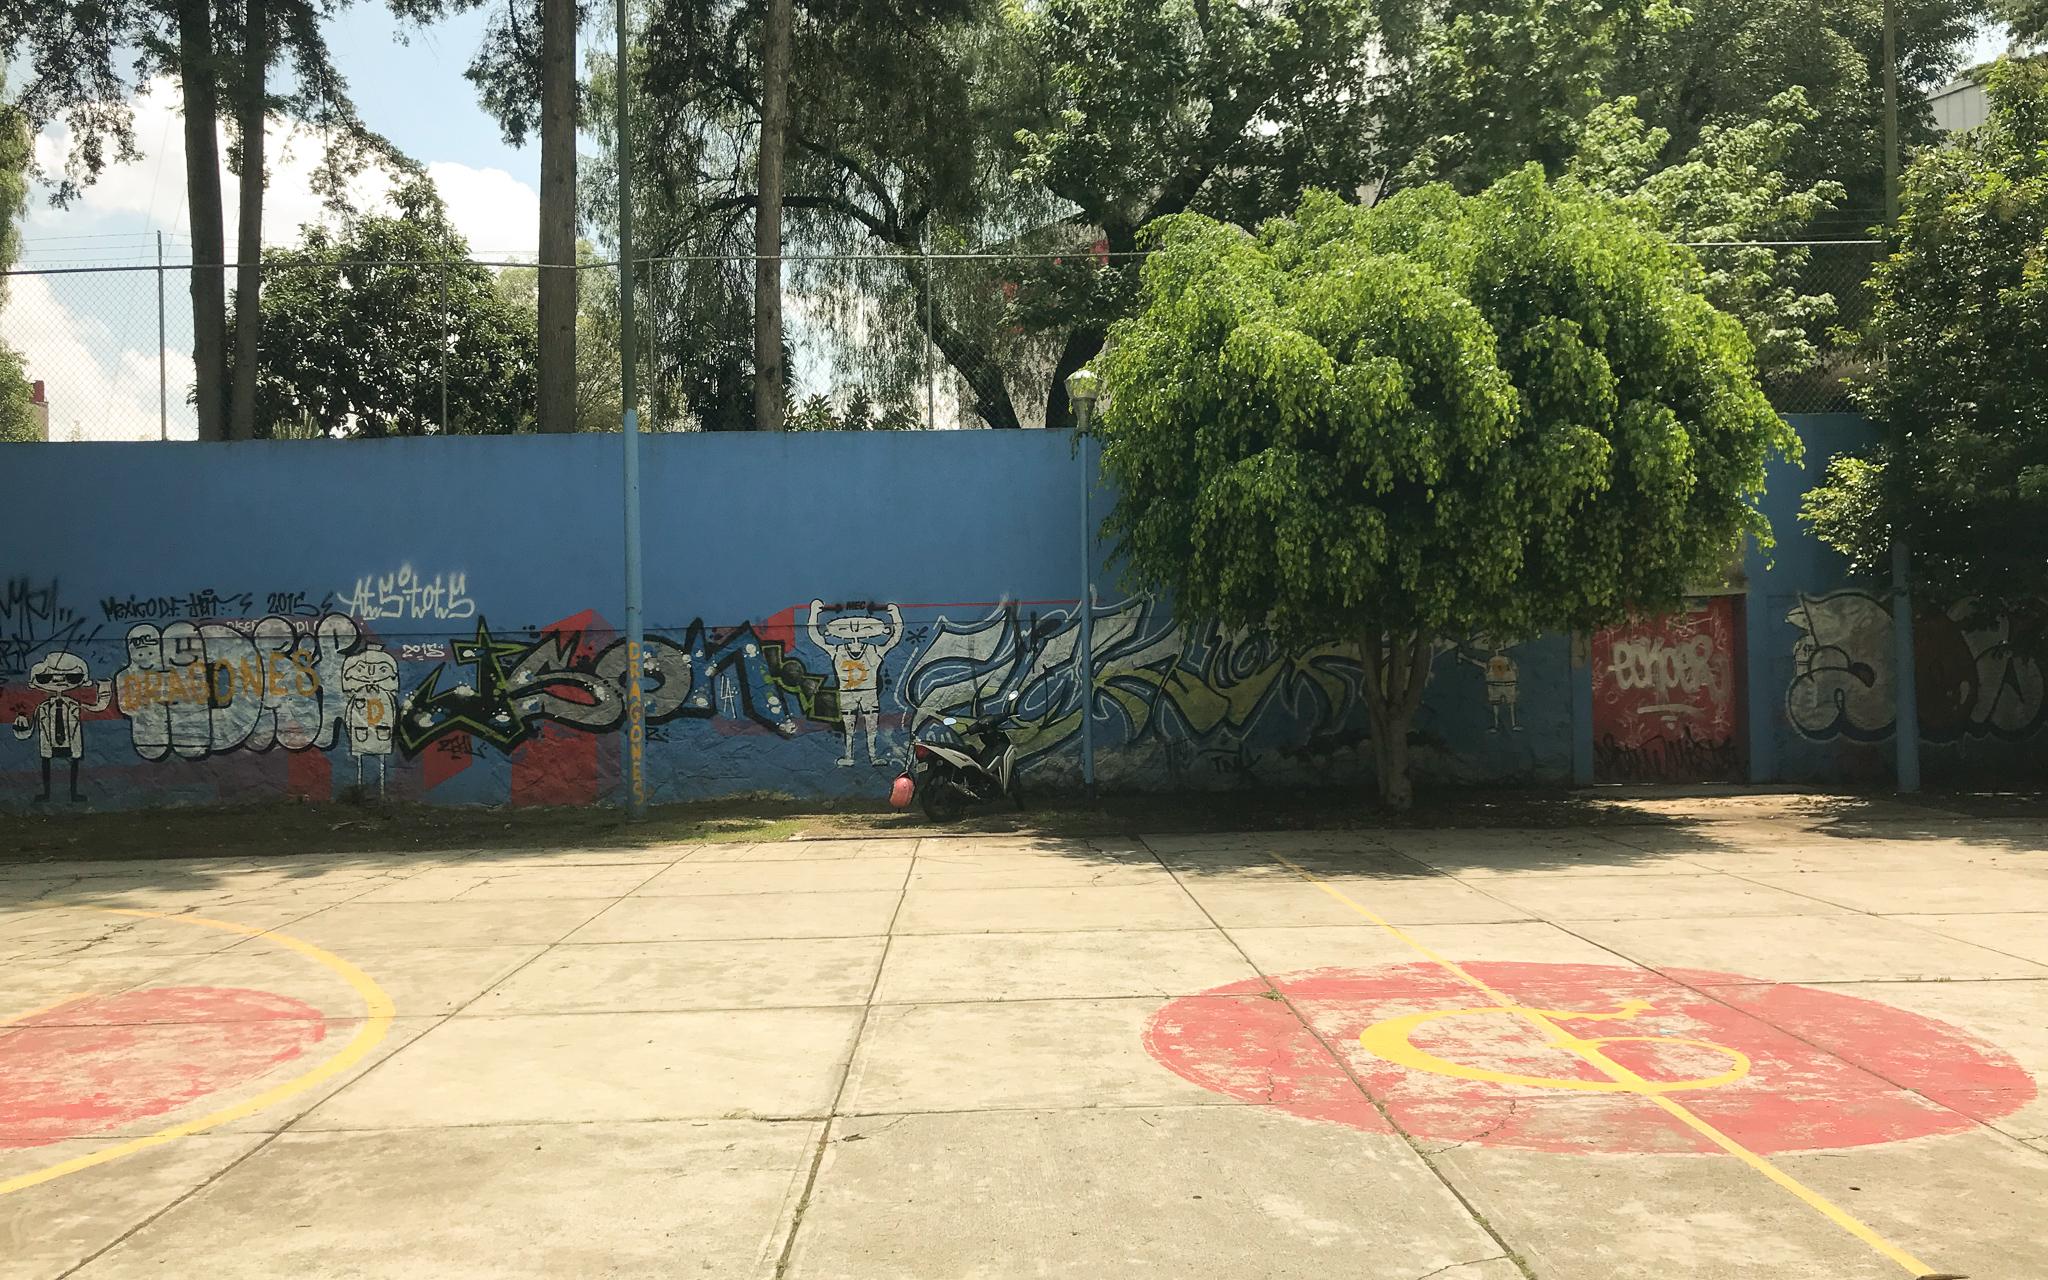 Outdoor_Basketball_Court_Mexico_City